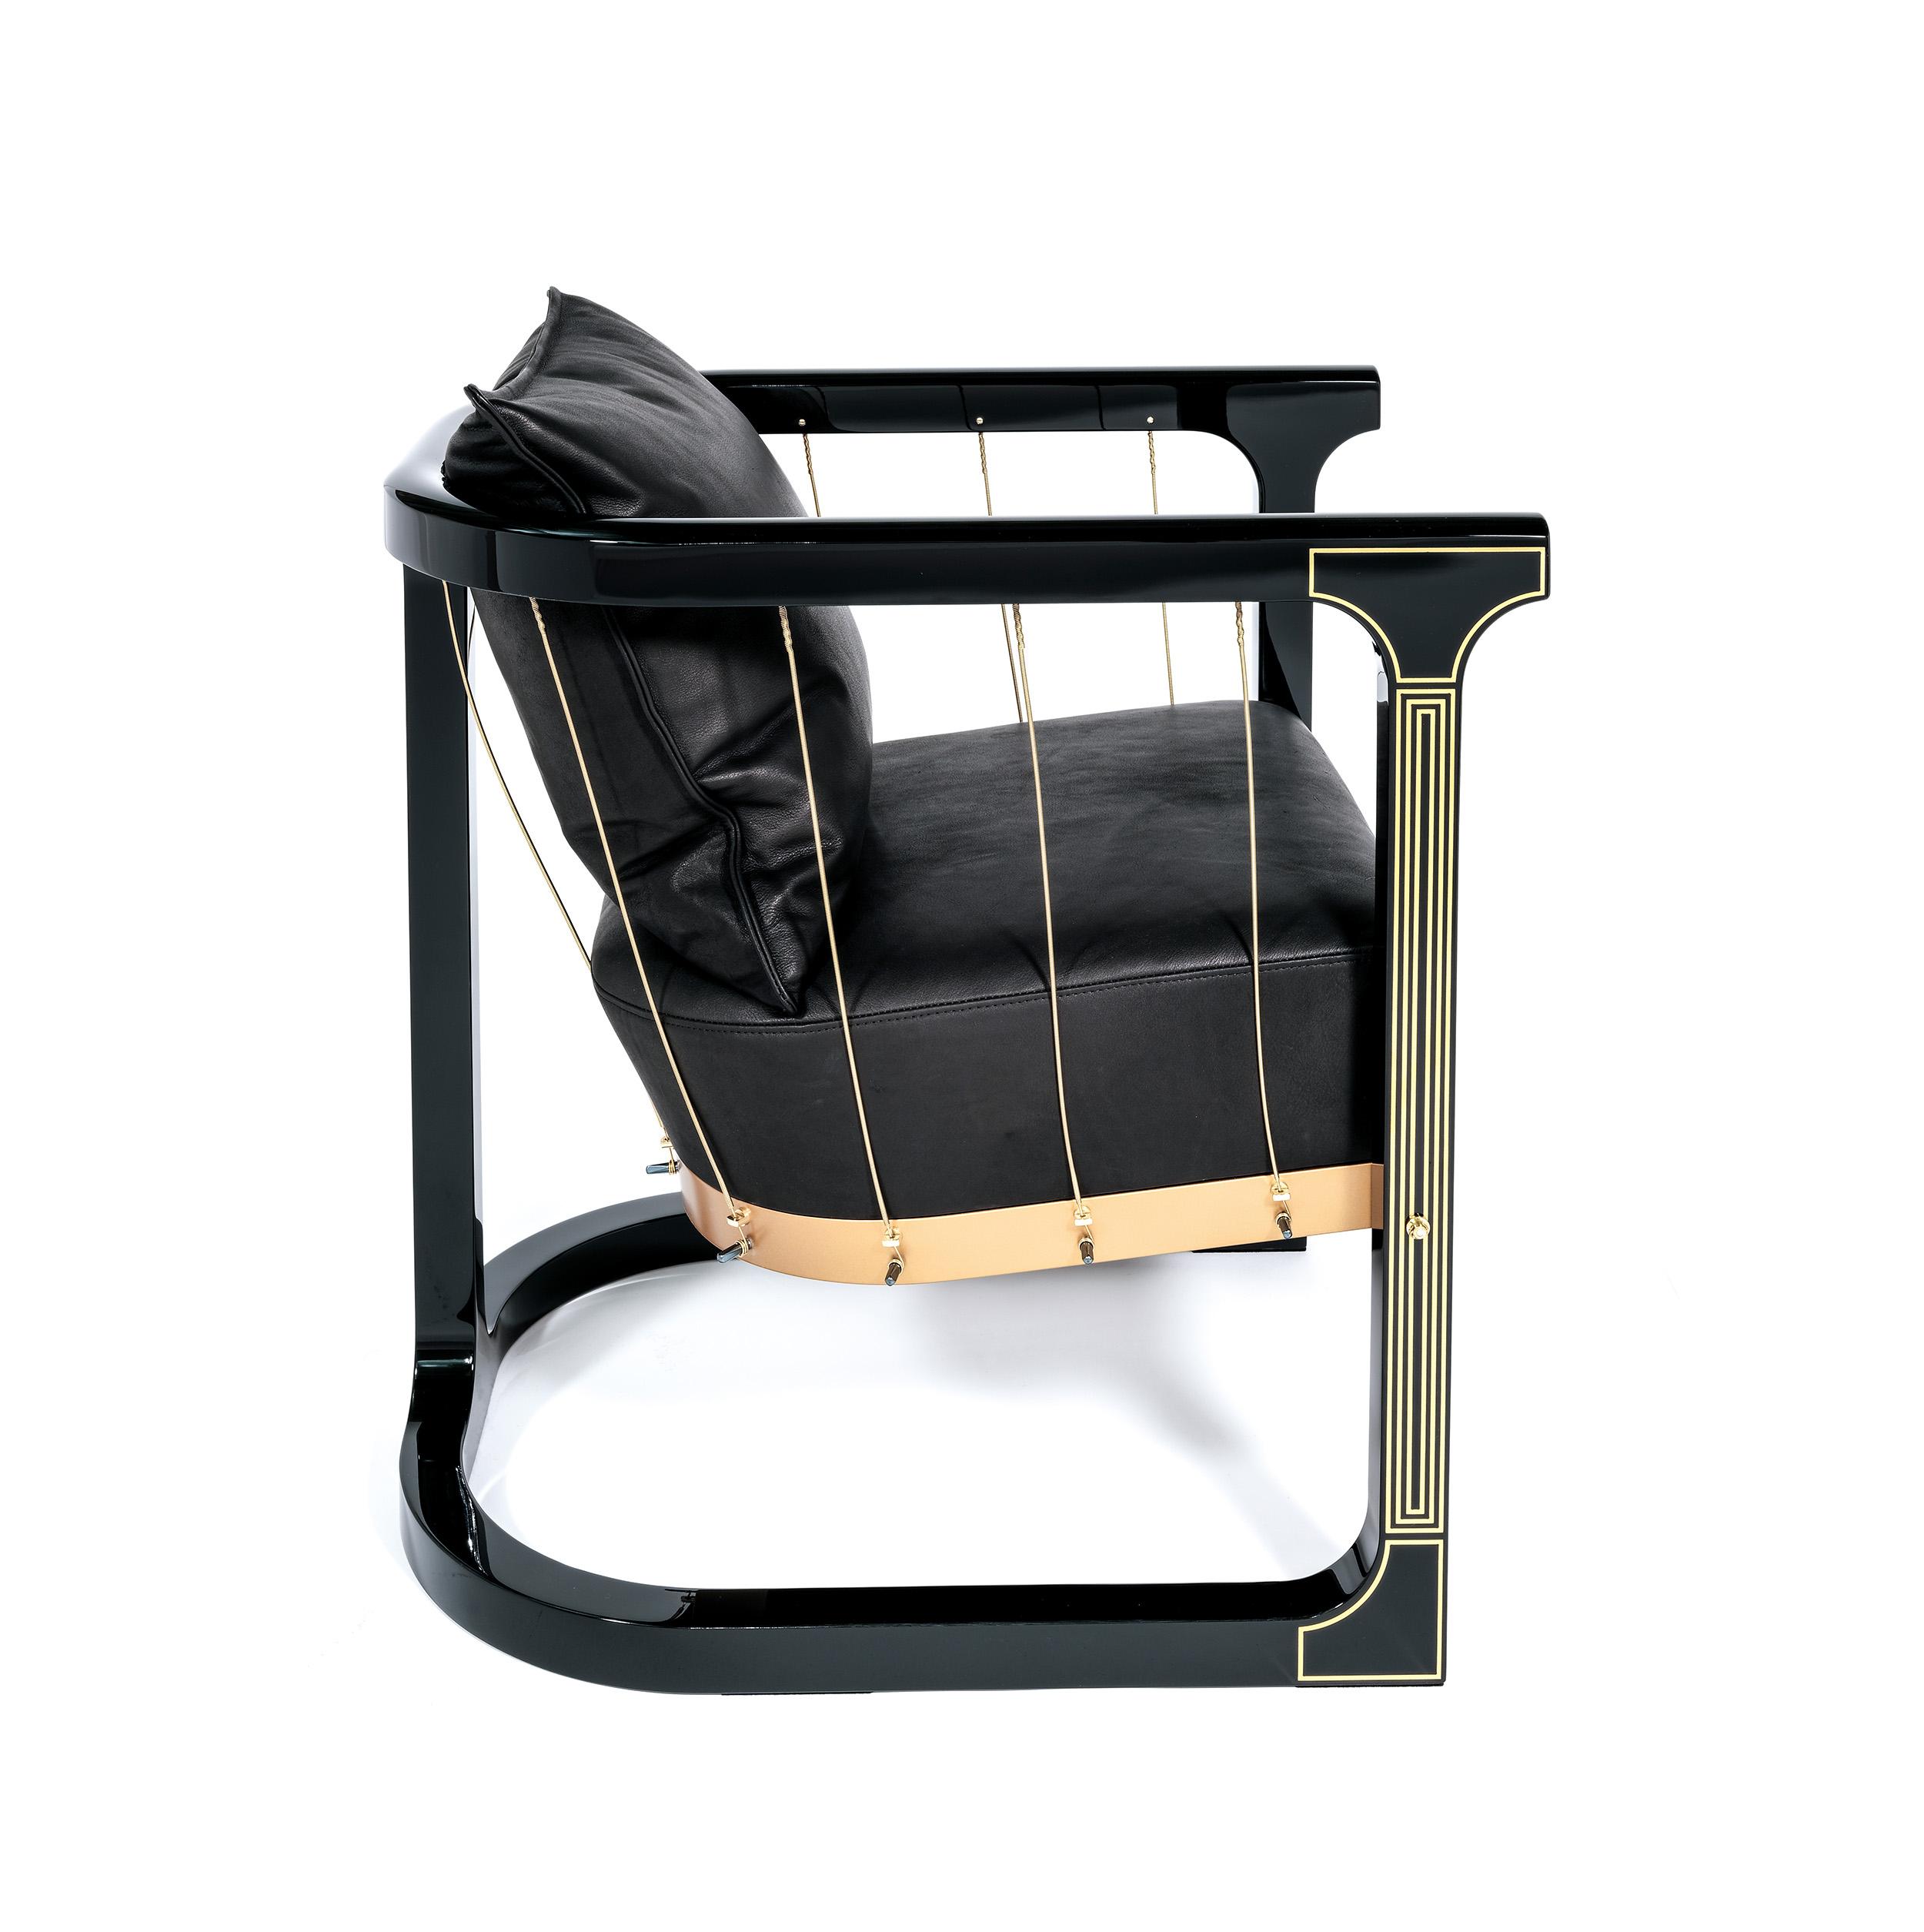 grand_armchair_glenbaghurst_lowres_4.jpg